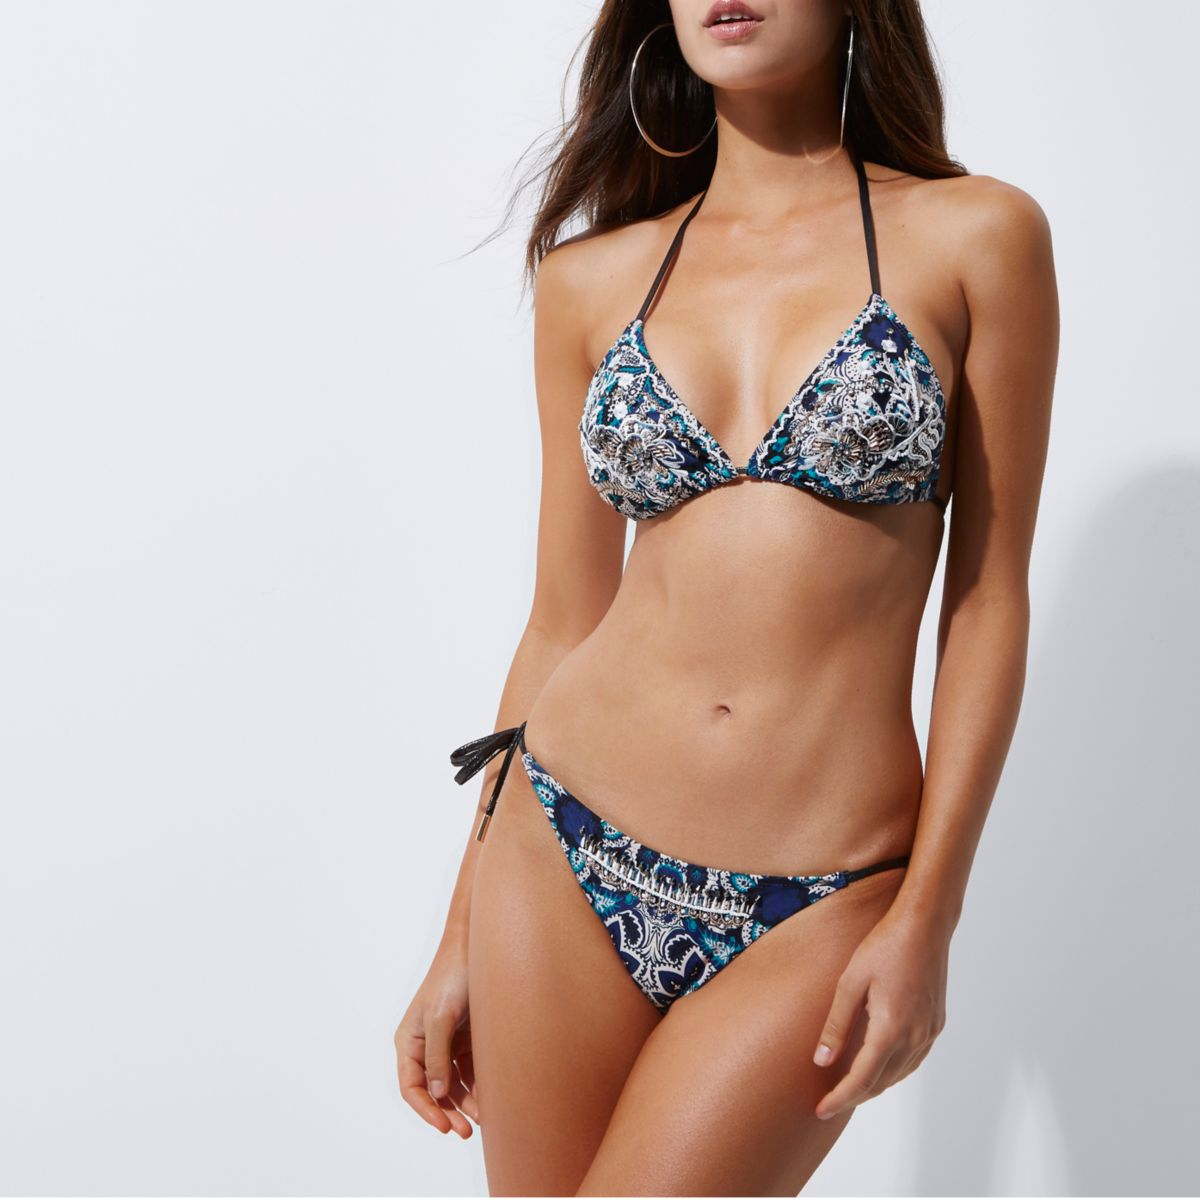 Blaue seitlich geschnürte Bikinihose mit Perlen